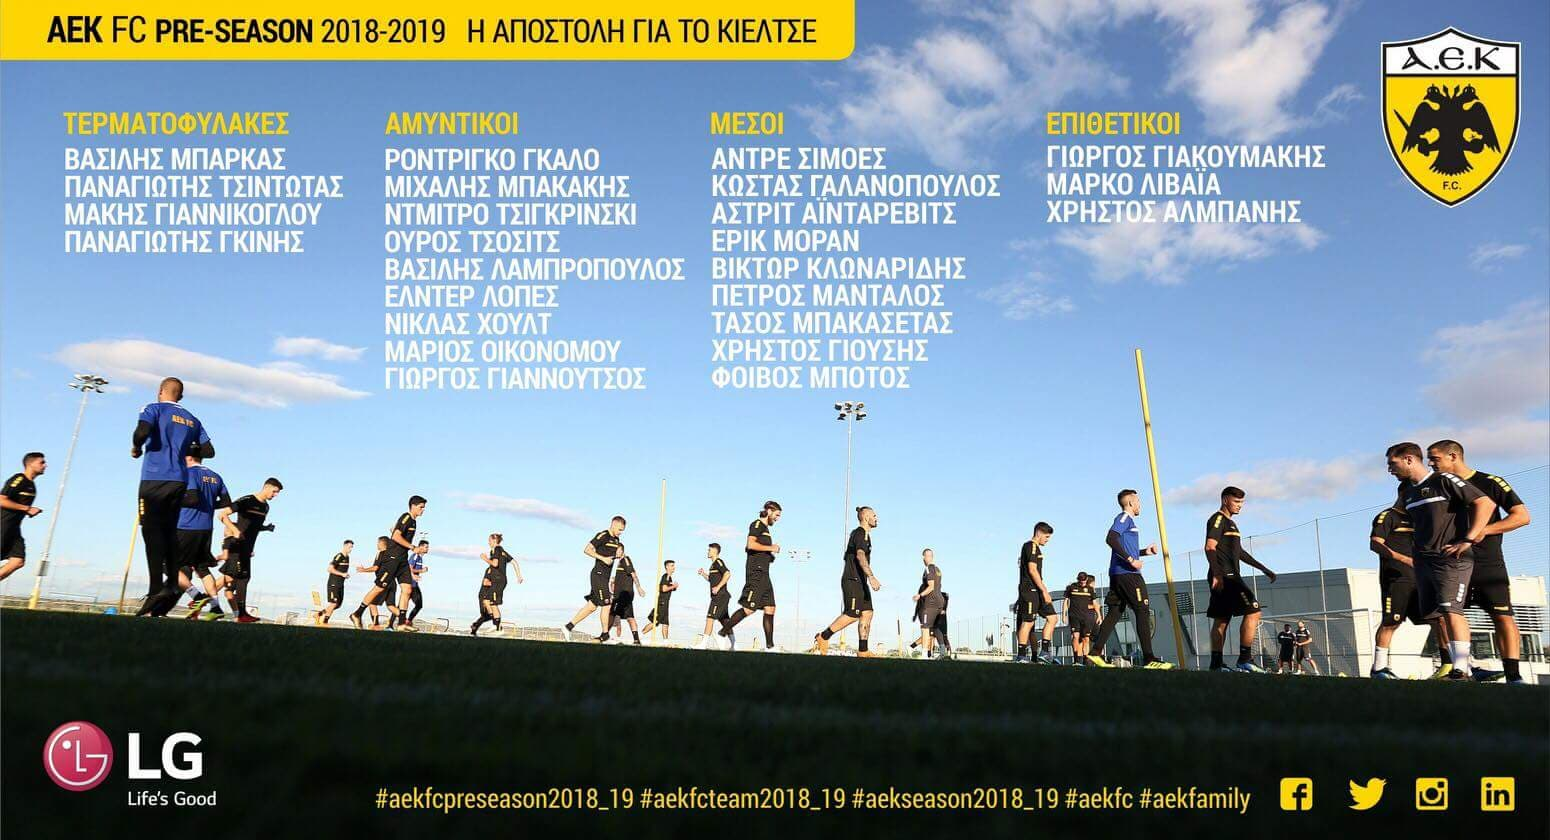 Η 25αδα της ΑΕΚ για το Κίελτσε - Sportime.GR